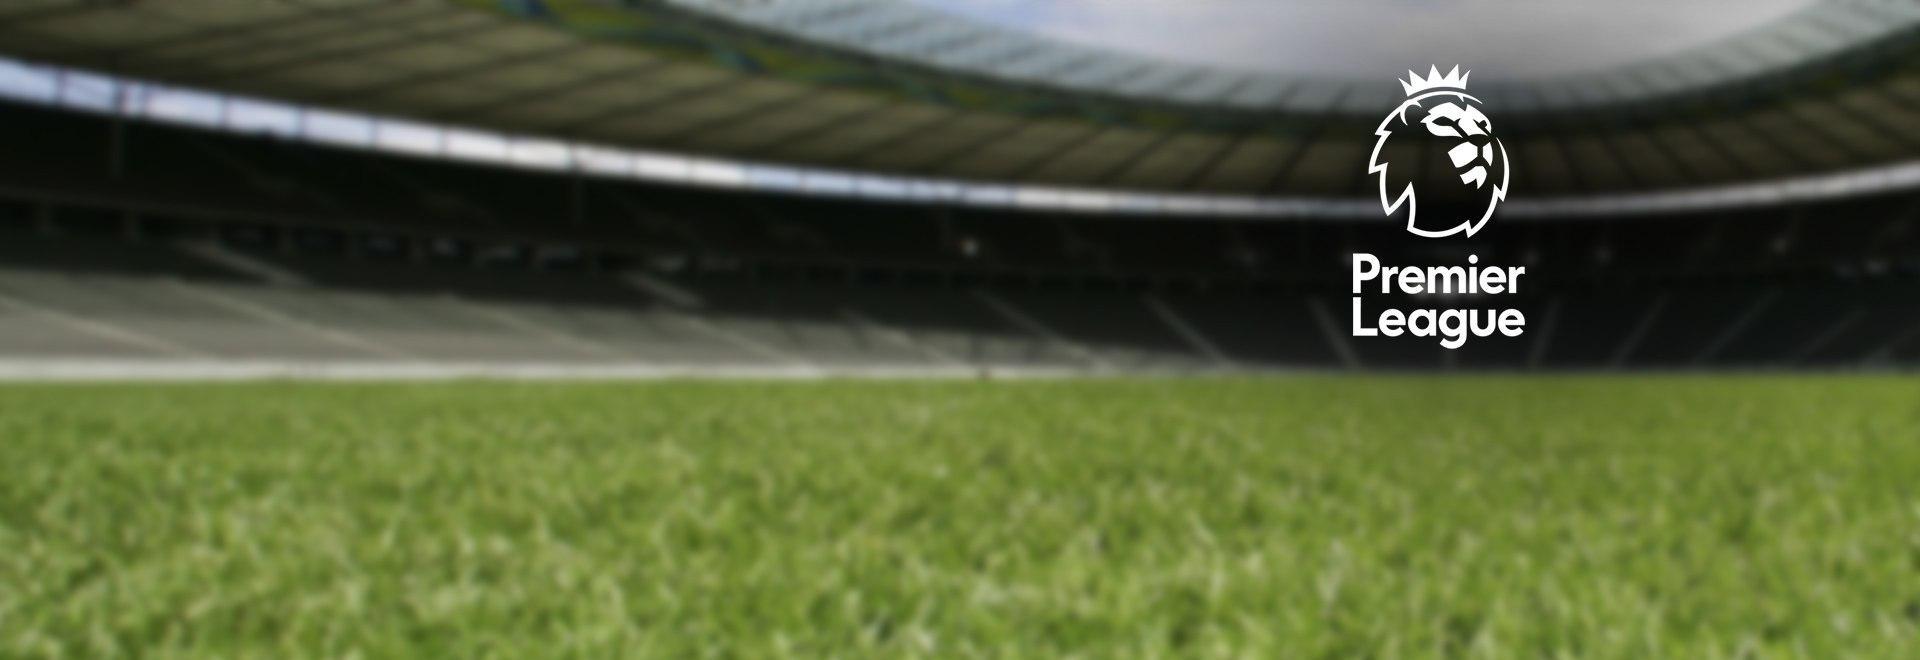 Aston Villa - Brighton & Hove Albion. 9a g.